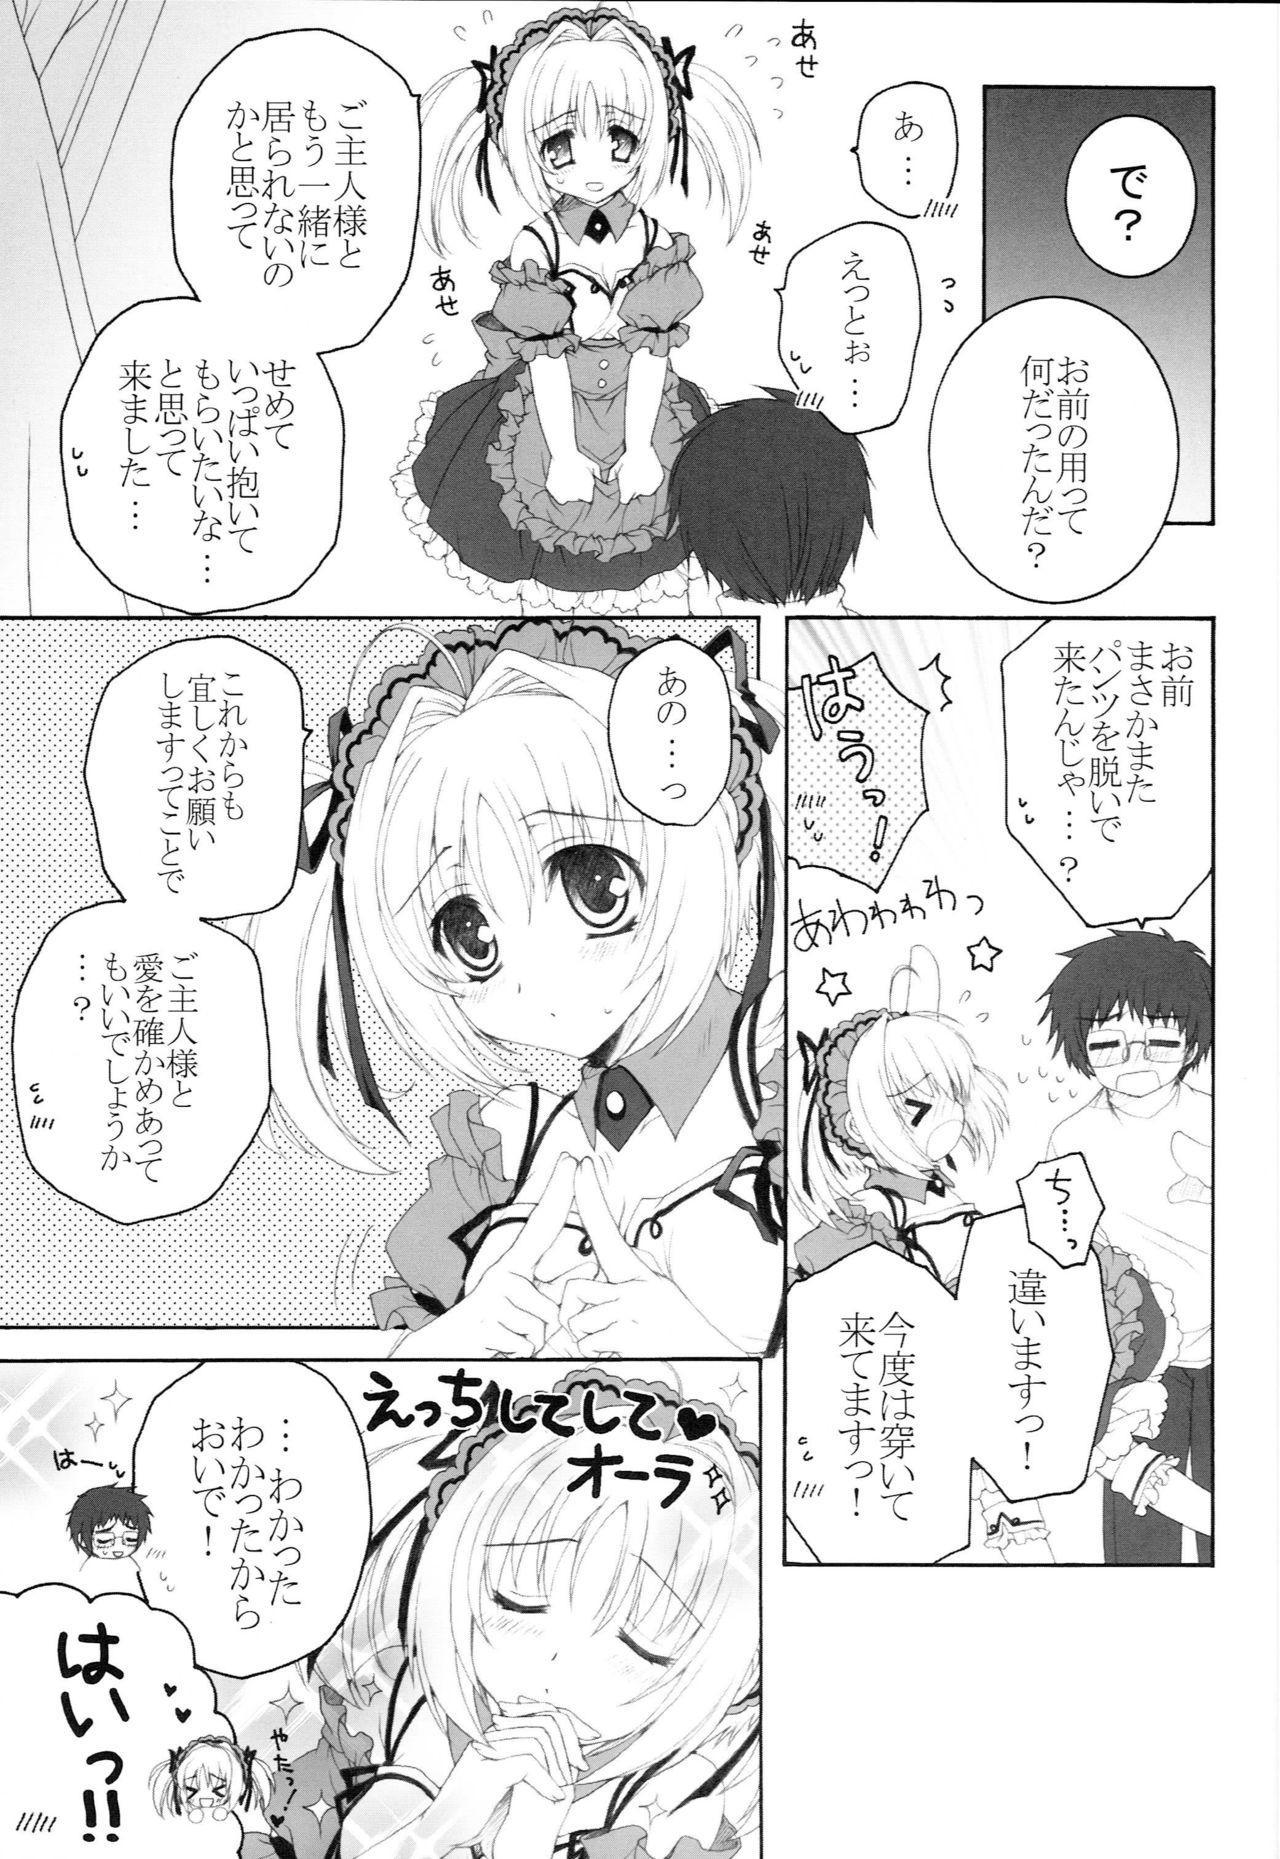 Maid no Susume!? 2 7